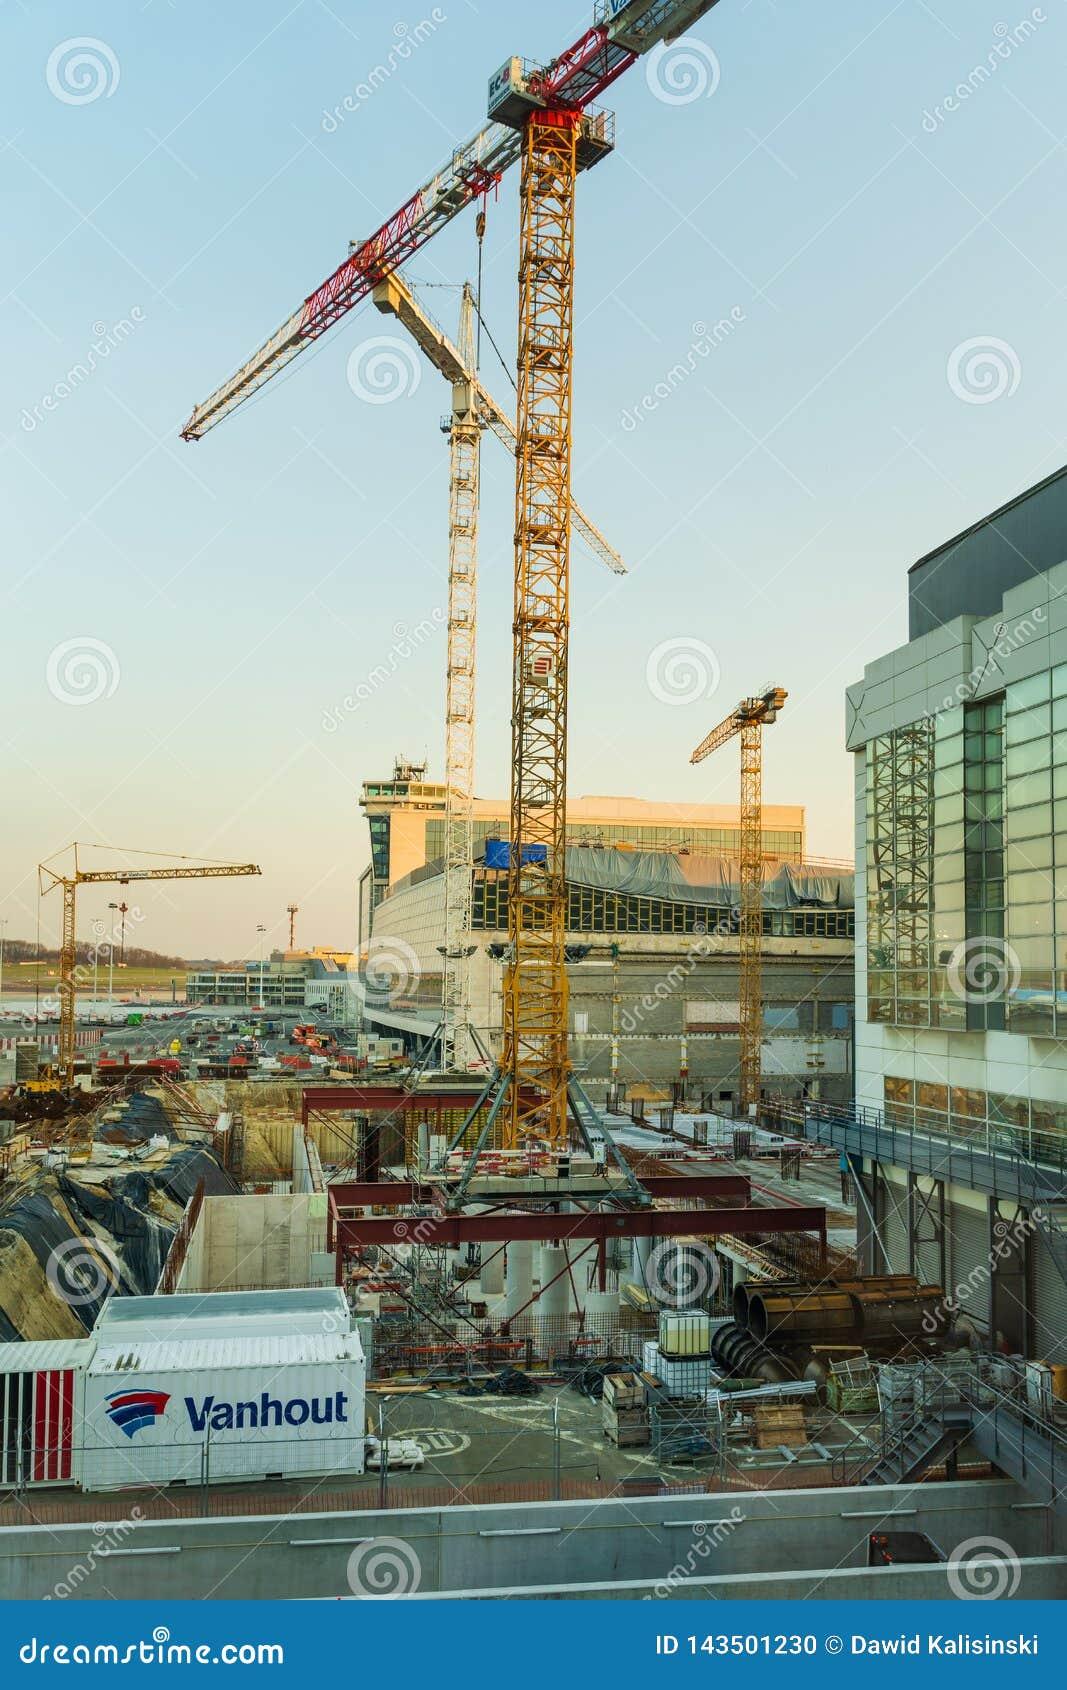 Αερολιμένας των Βρυξελλών, Βέλγιο, το Μάρτιο του 2019 Βρυξέλλες, περιοχή κατασκευής για την επέκταση αερολιμένων